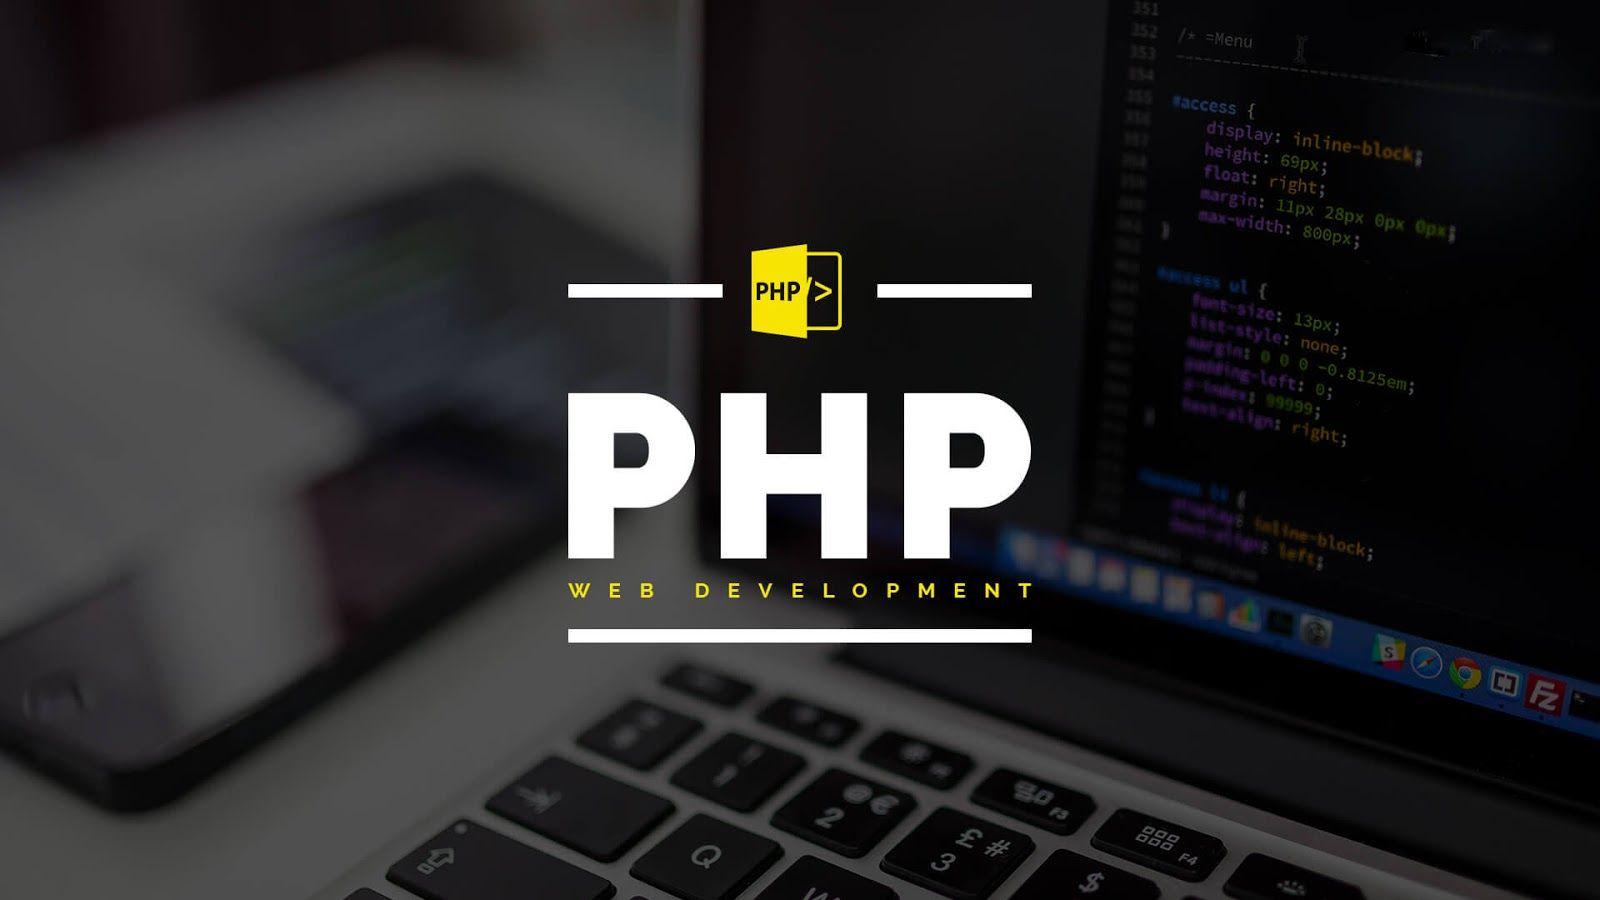 PHP Handler Là Gì? So Sánh Các PHP Hanlder Thông Dụng